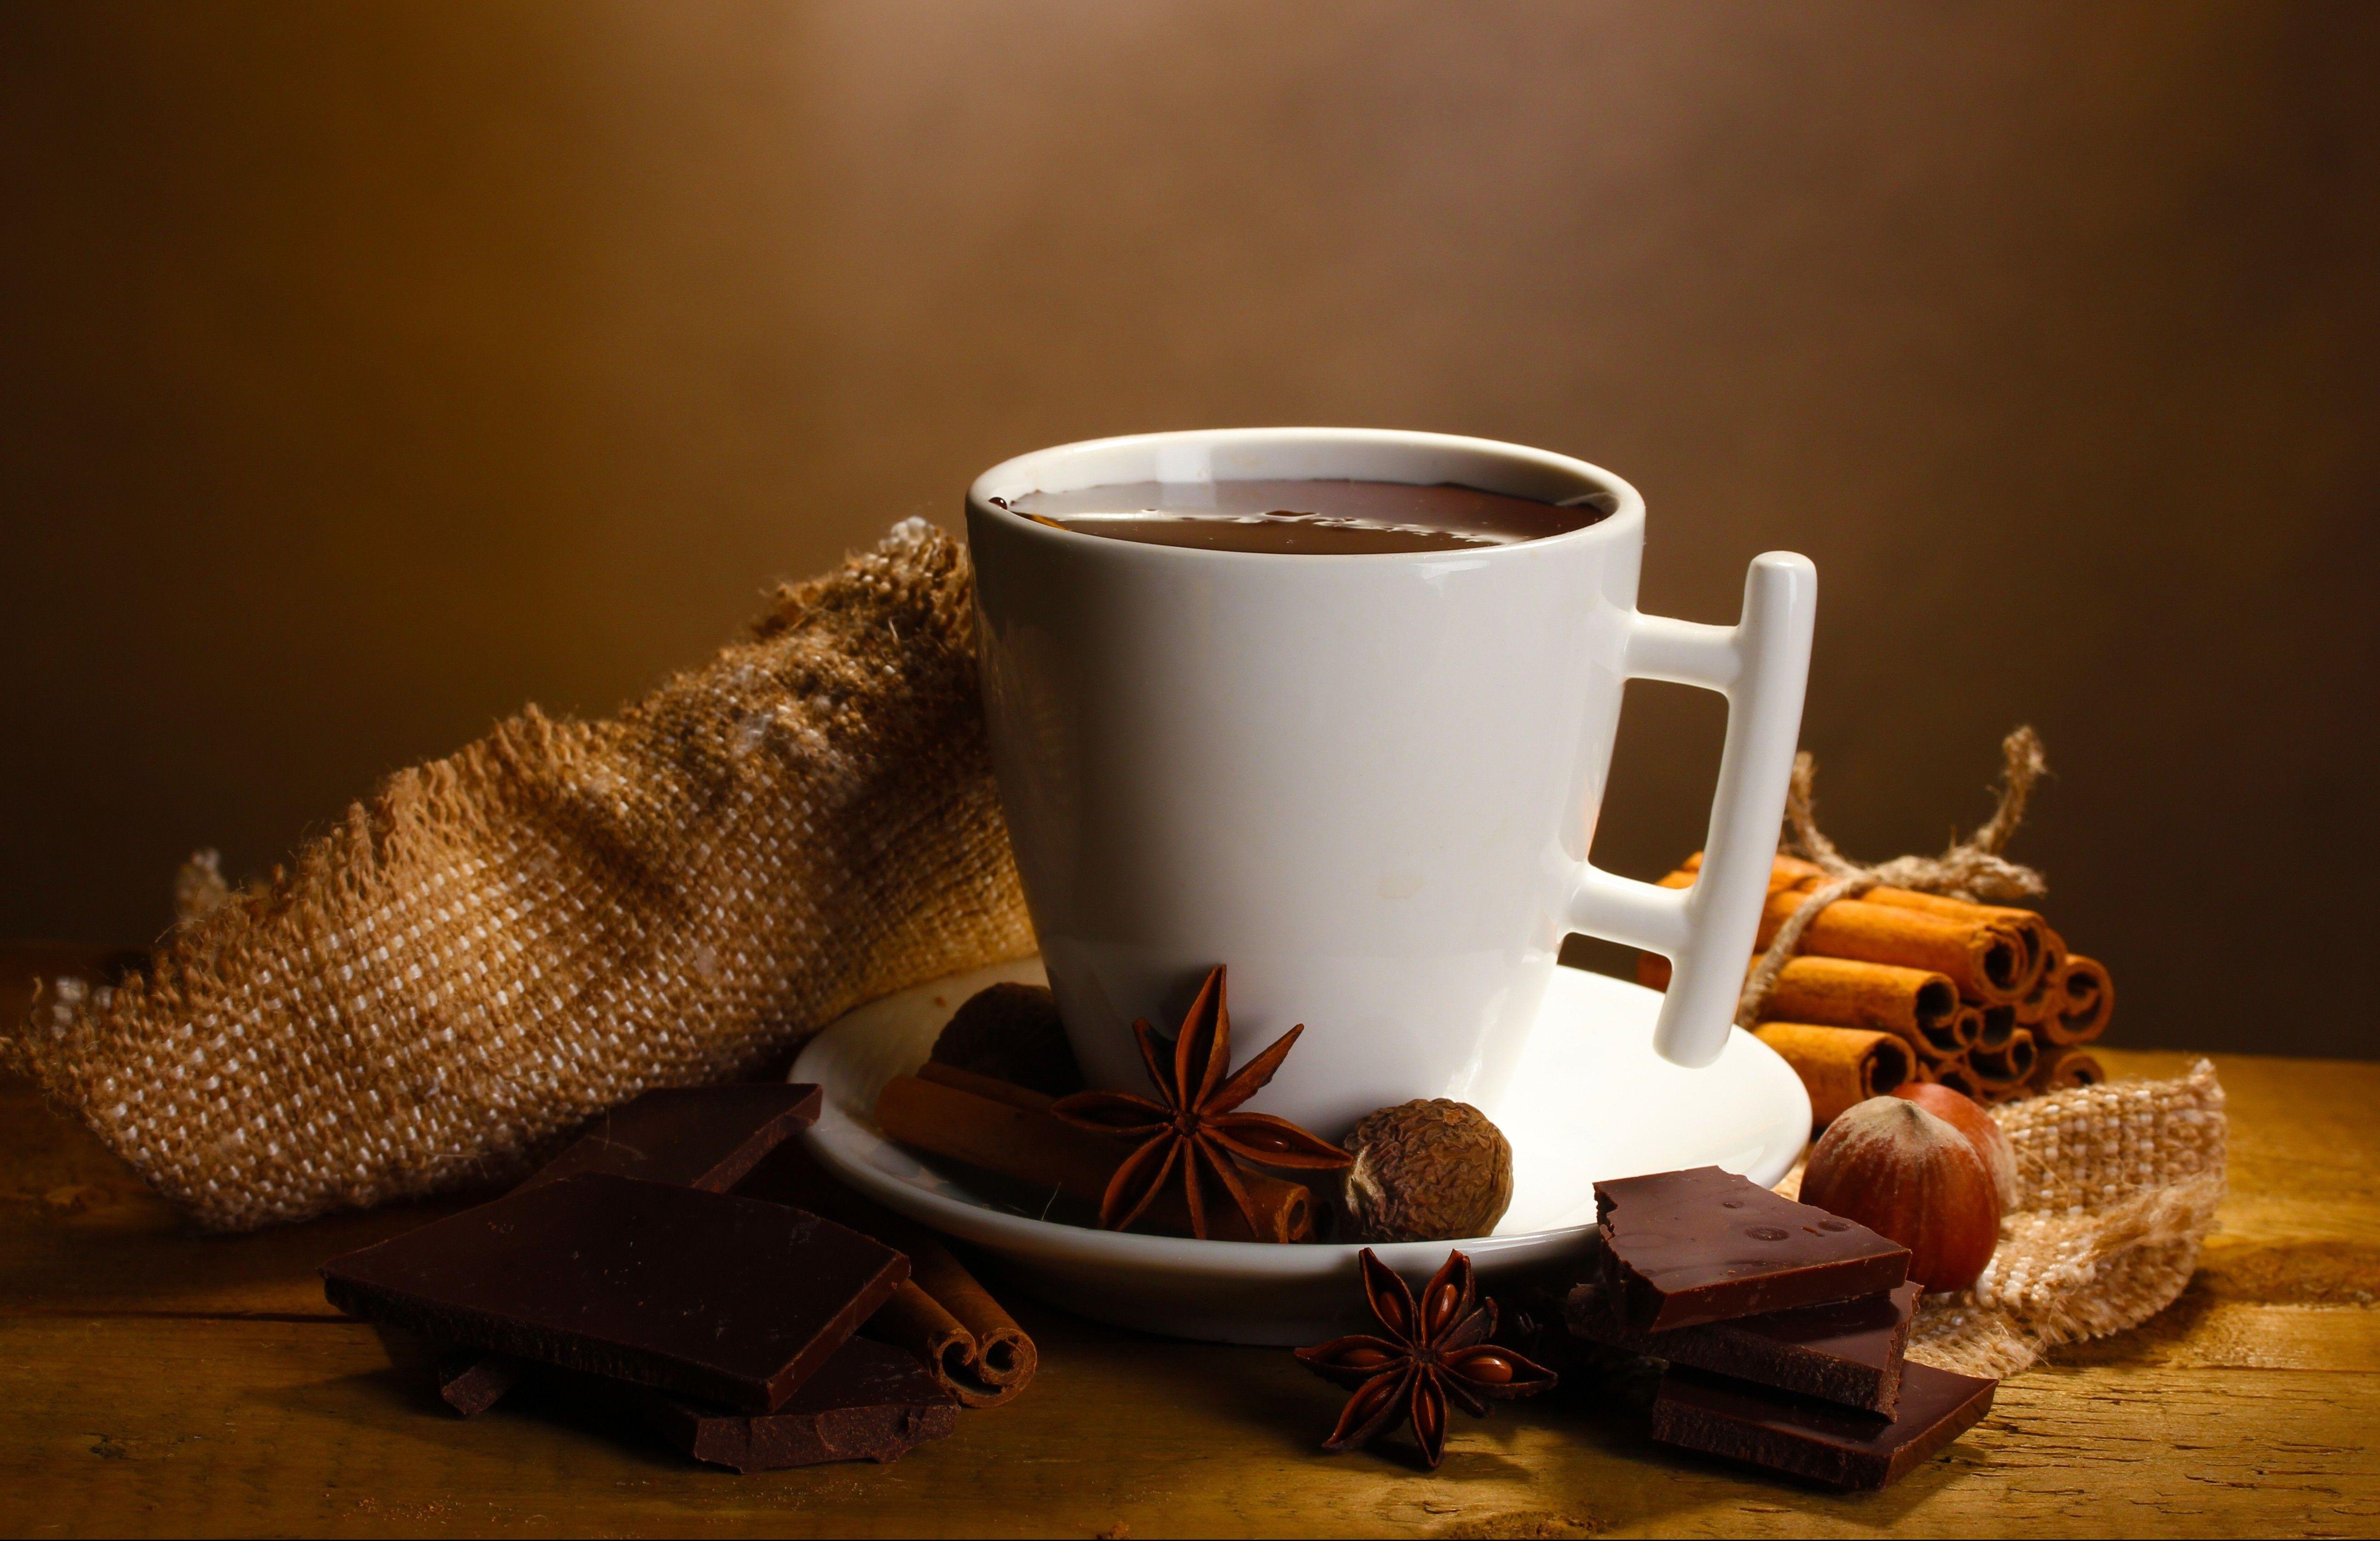 cioccolata-calda,-cannella-222356